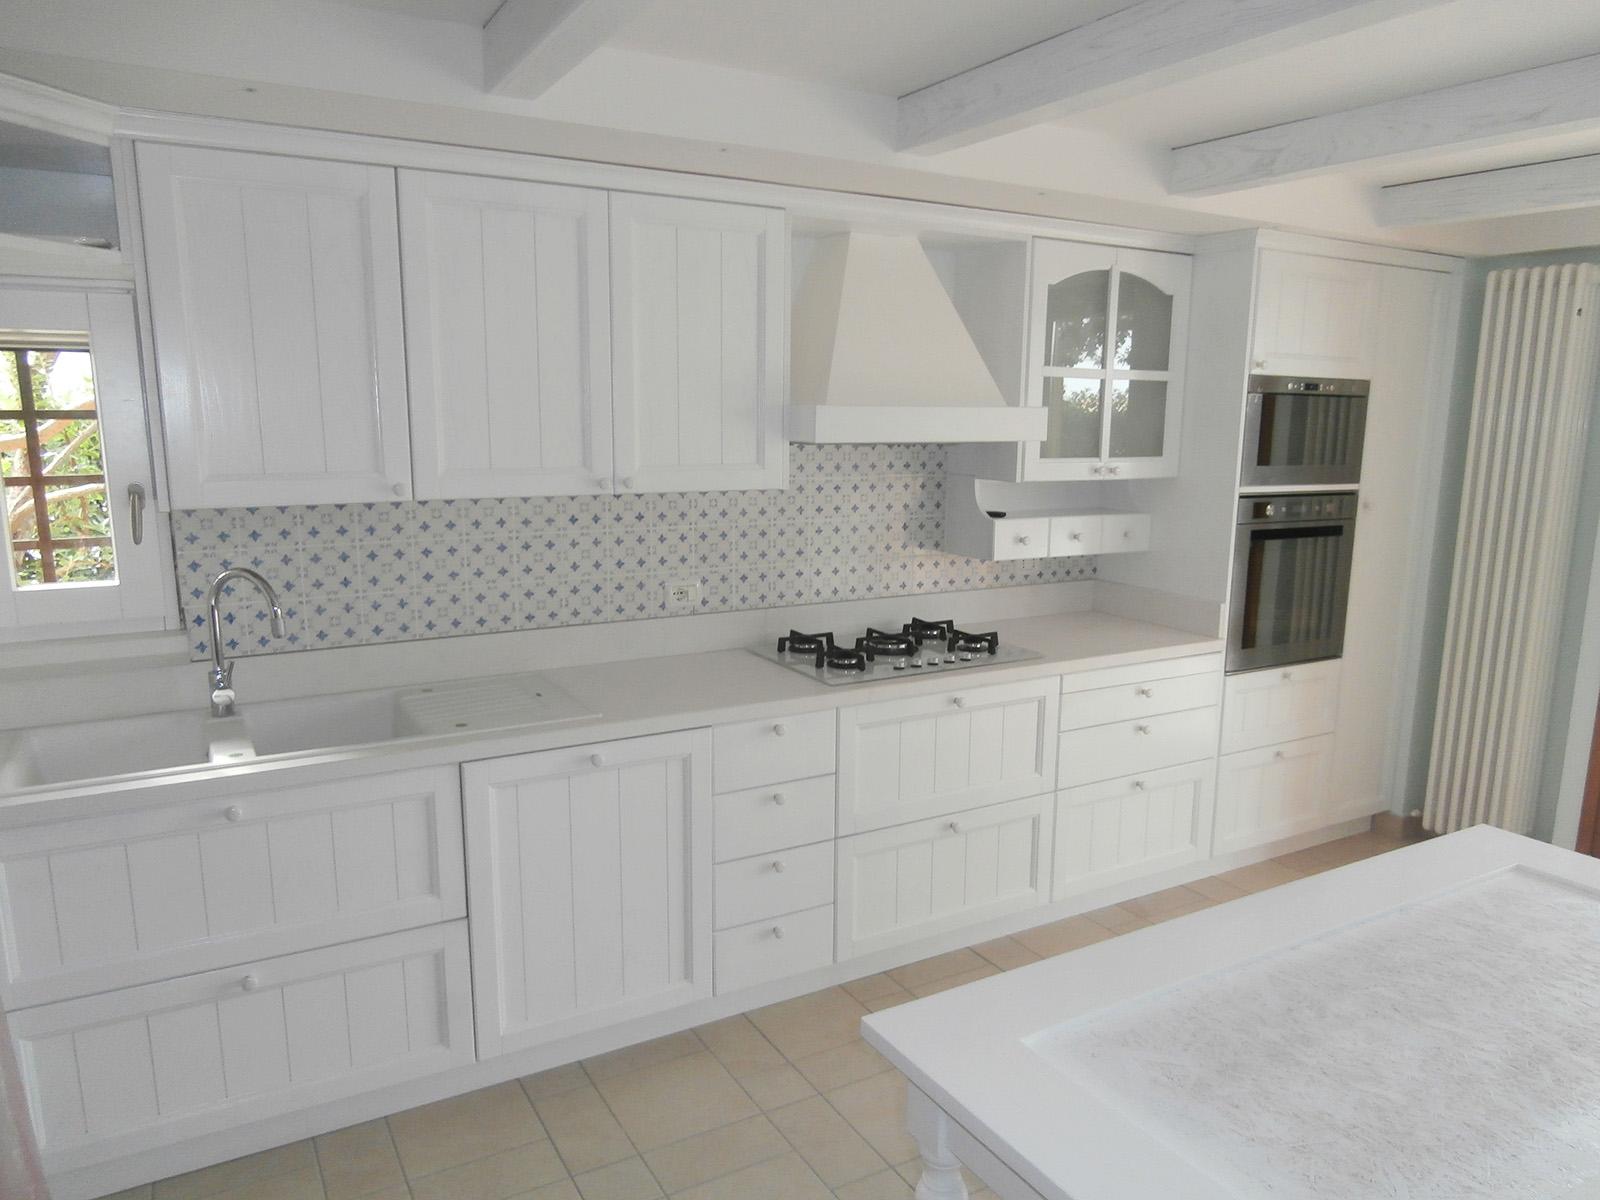 Cucine Farolfi, cucina in legno laccato poro aperto – Farolfi Arredamenti